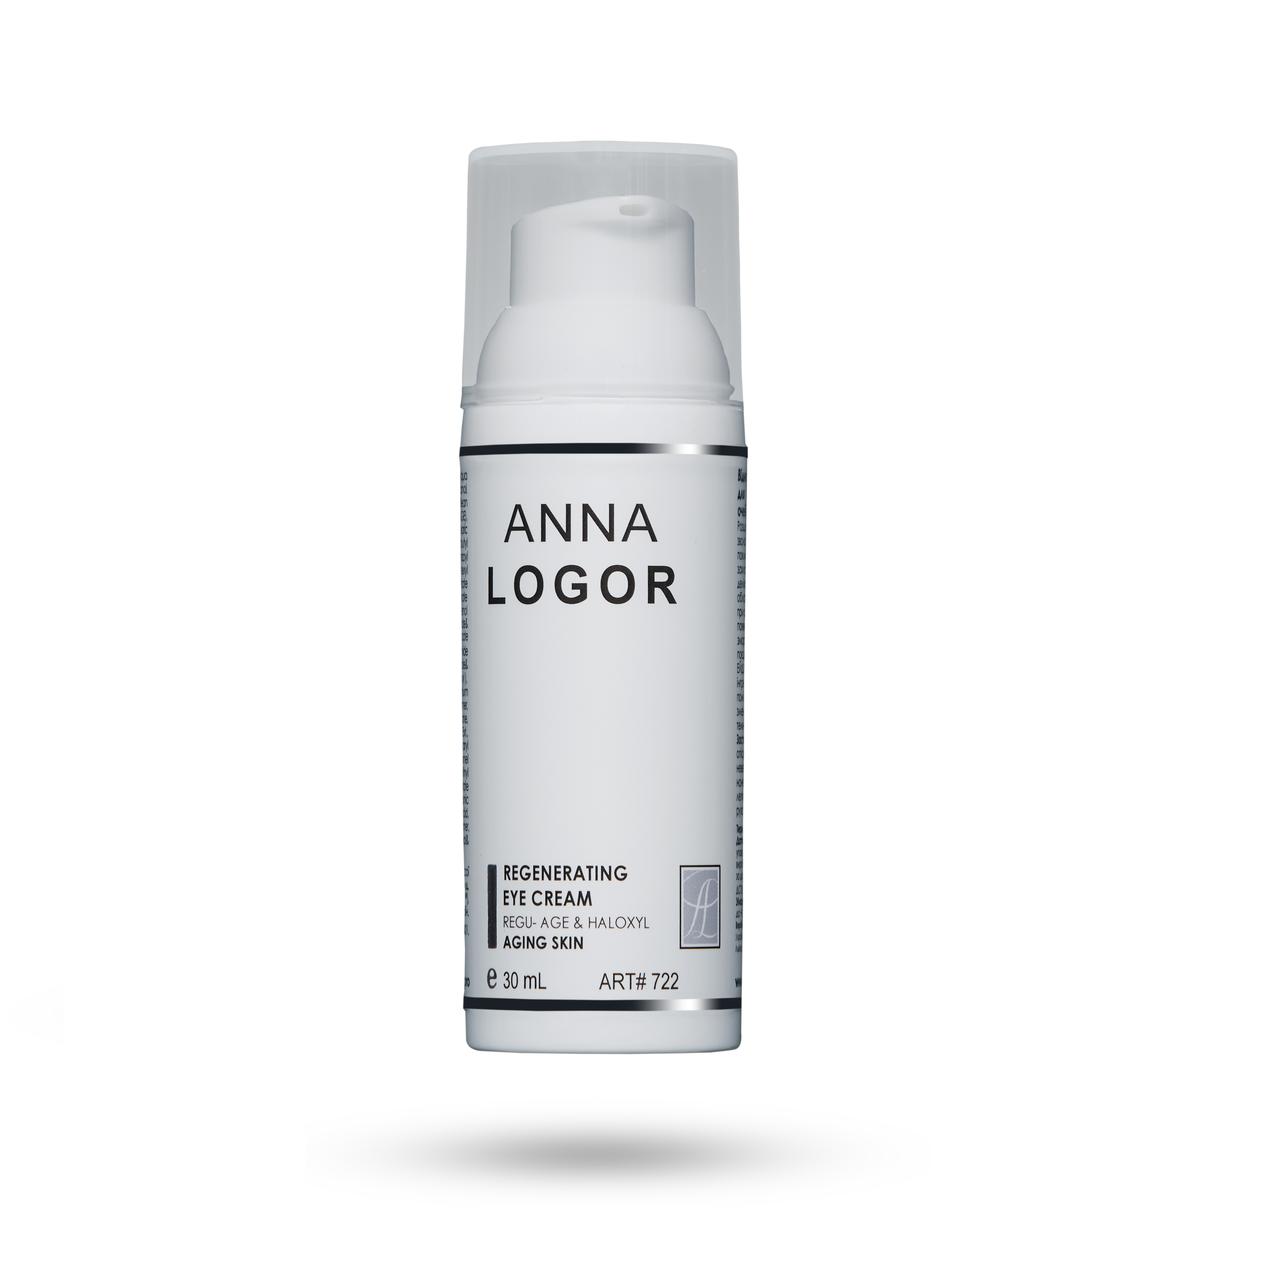 Відновлюючий крем для  шкіри навколо очей Анна Логор / Anna Logor Regenerating Eye Cream Код 722